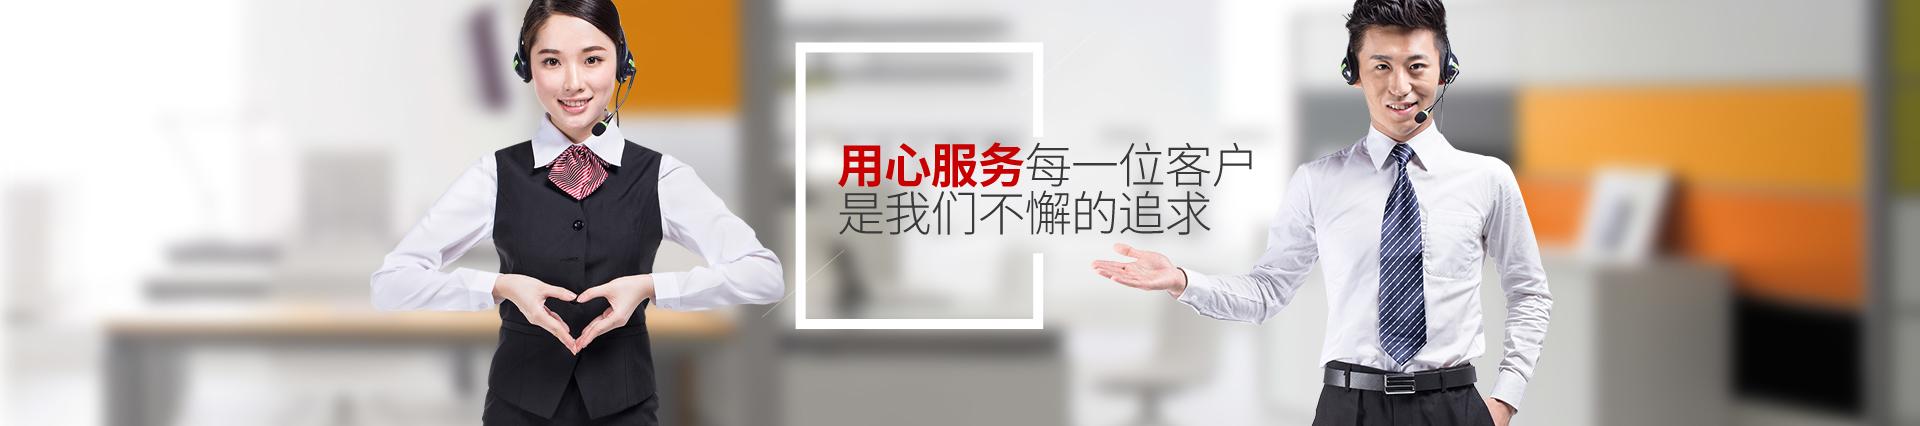 鑫永虹-用心服务每一位客户